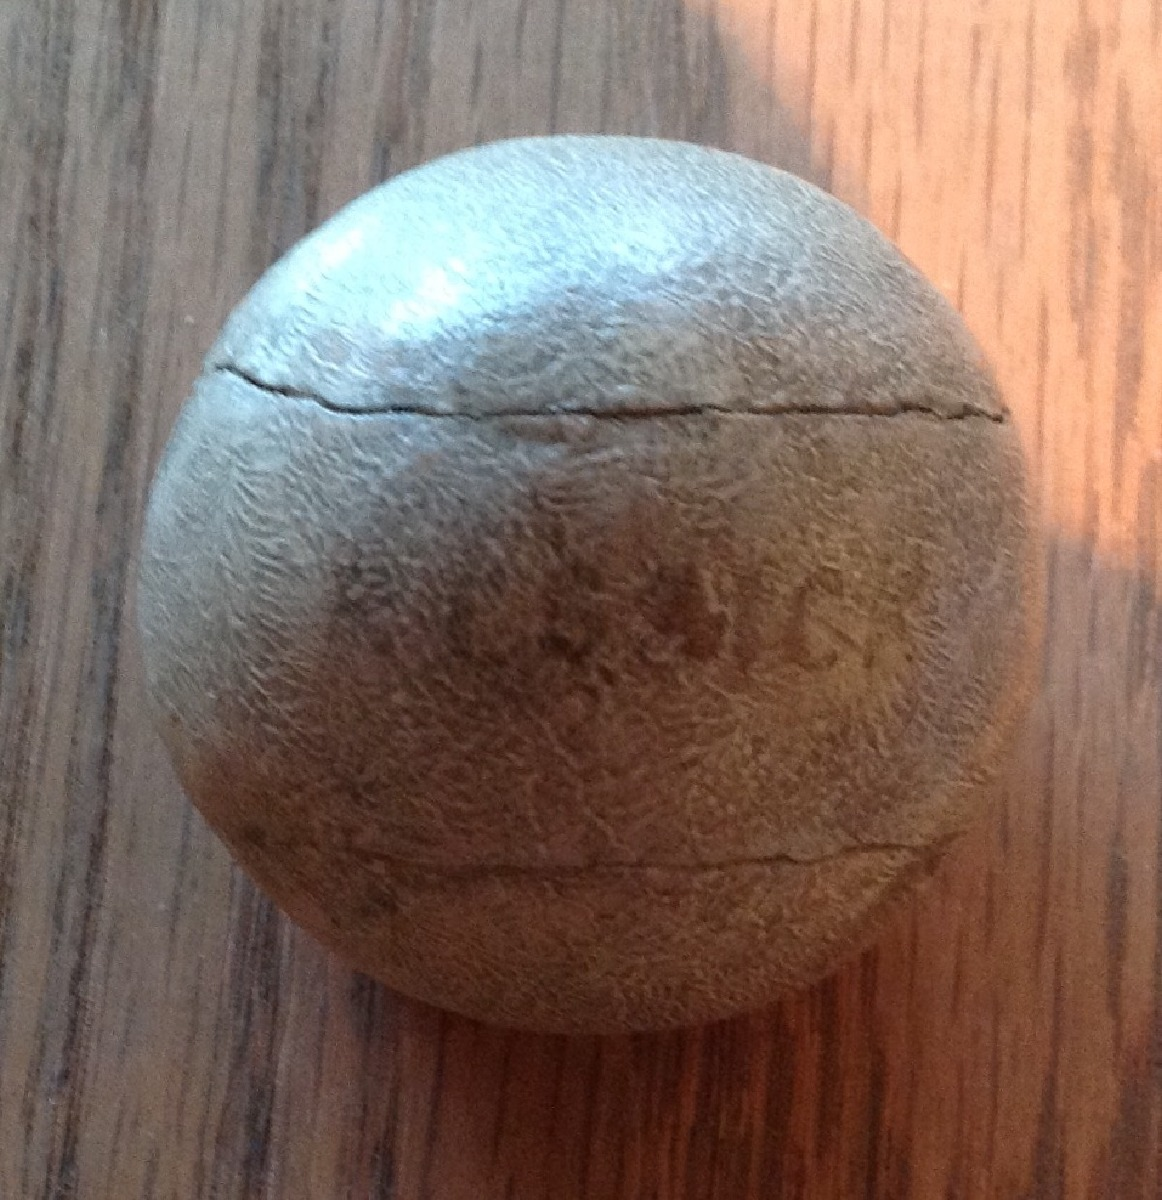 Ball – New 1 (1200)